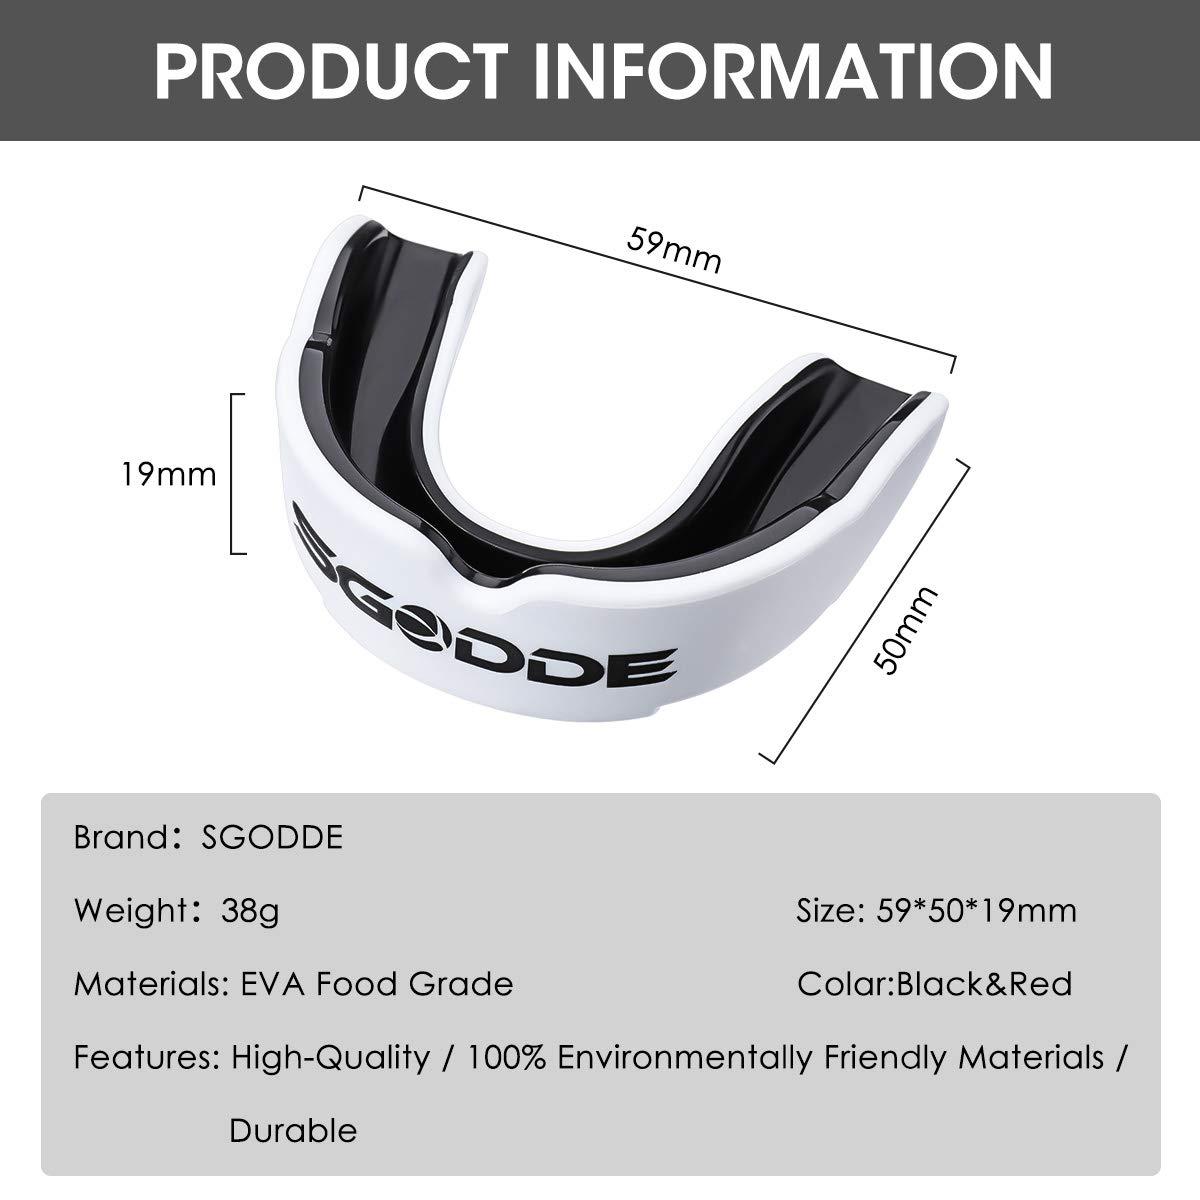 Bianco e Nero Taekwondo SGODDE Predator Paradenti Lotta e Basket ECC. Sportivo Custodia Protettiva per Materiale Eva Adatta per Boxe